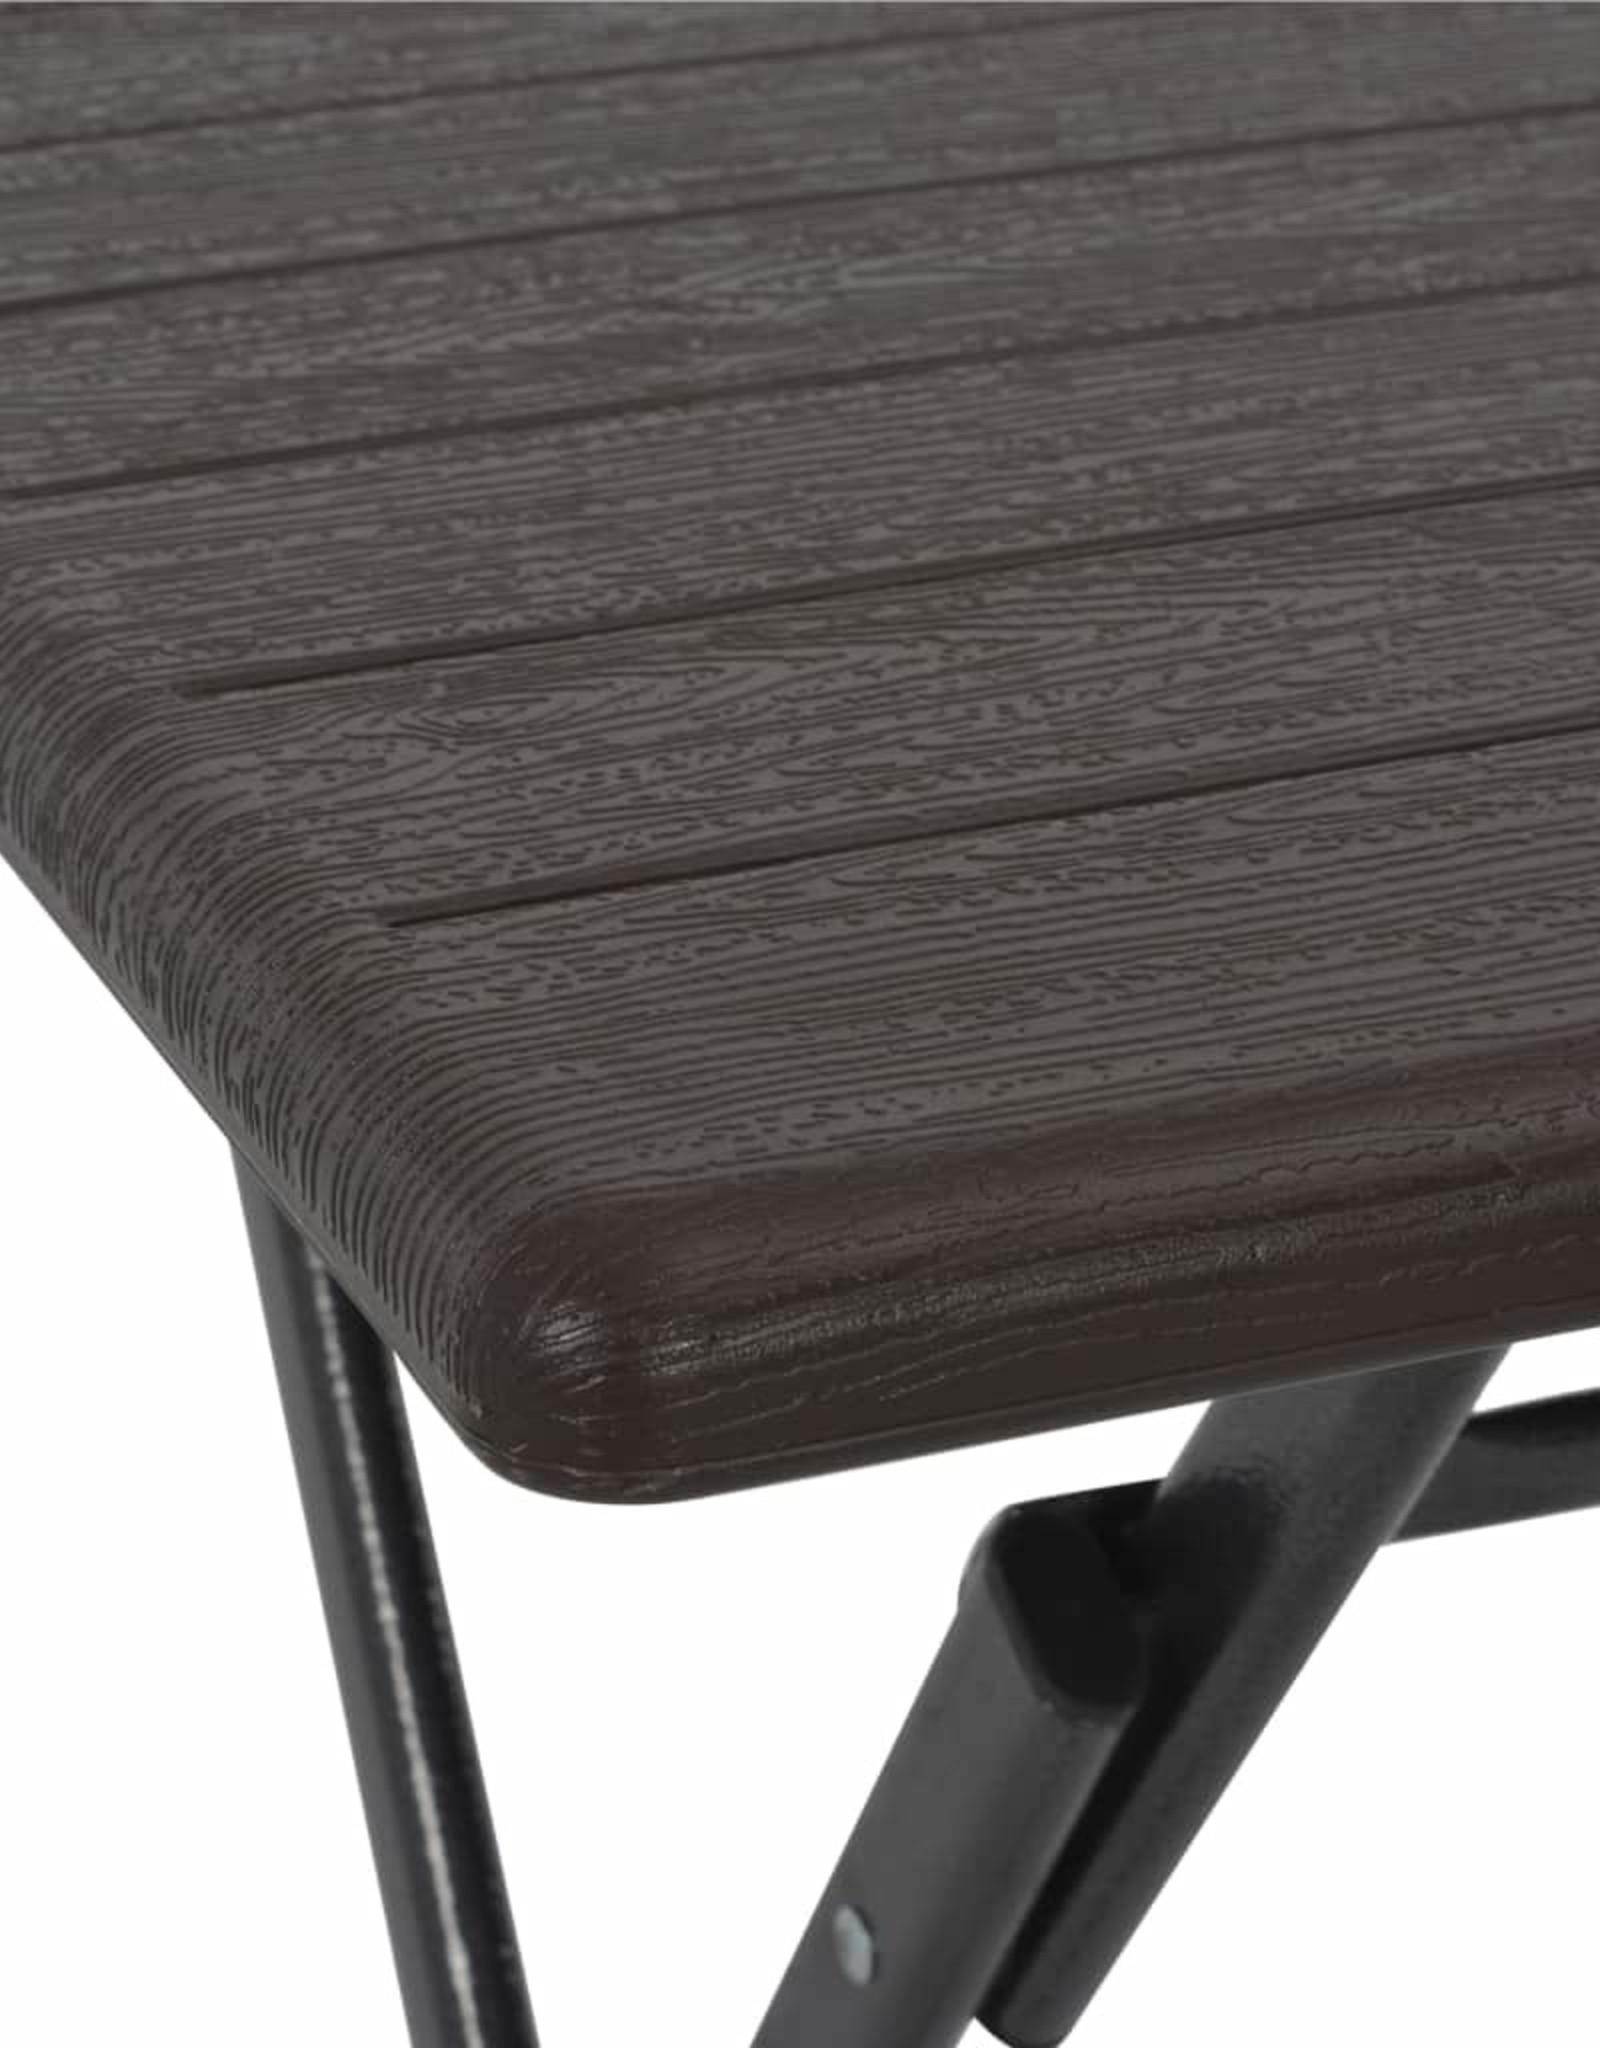 3-delige Bistroset inklapbaar rattan-look HDPE bruin